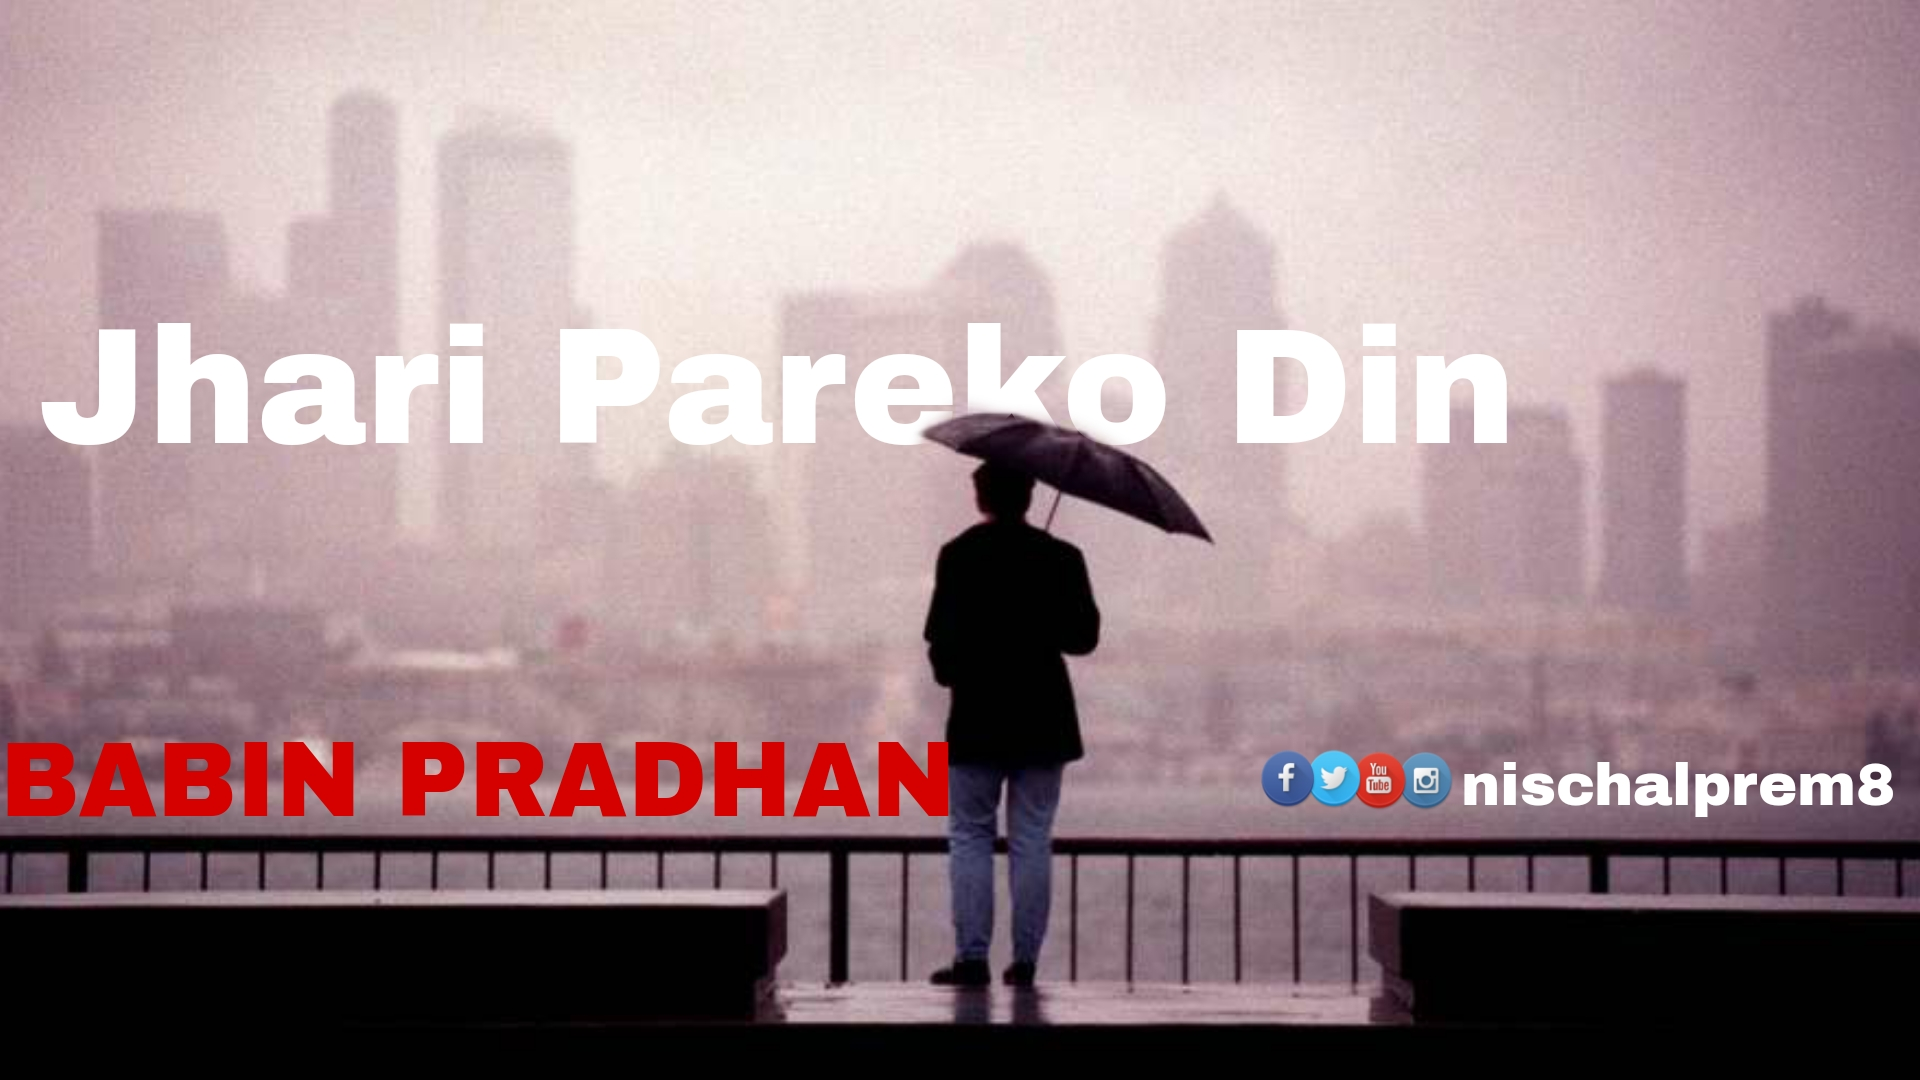 Jhari Pareko Din Nepali Song Lyrics By Babin Pradhan Nischal Prem